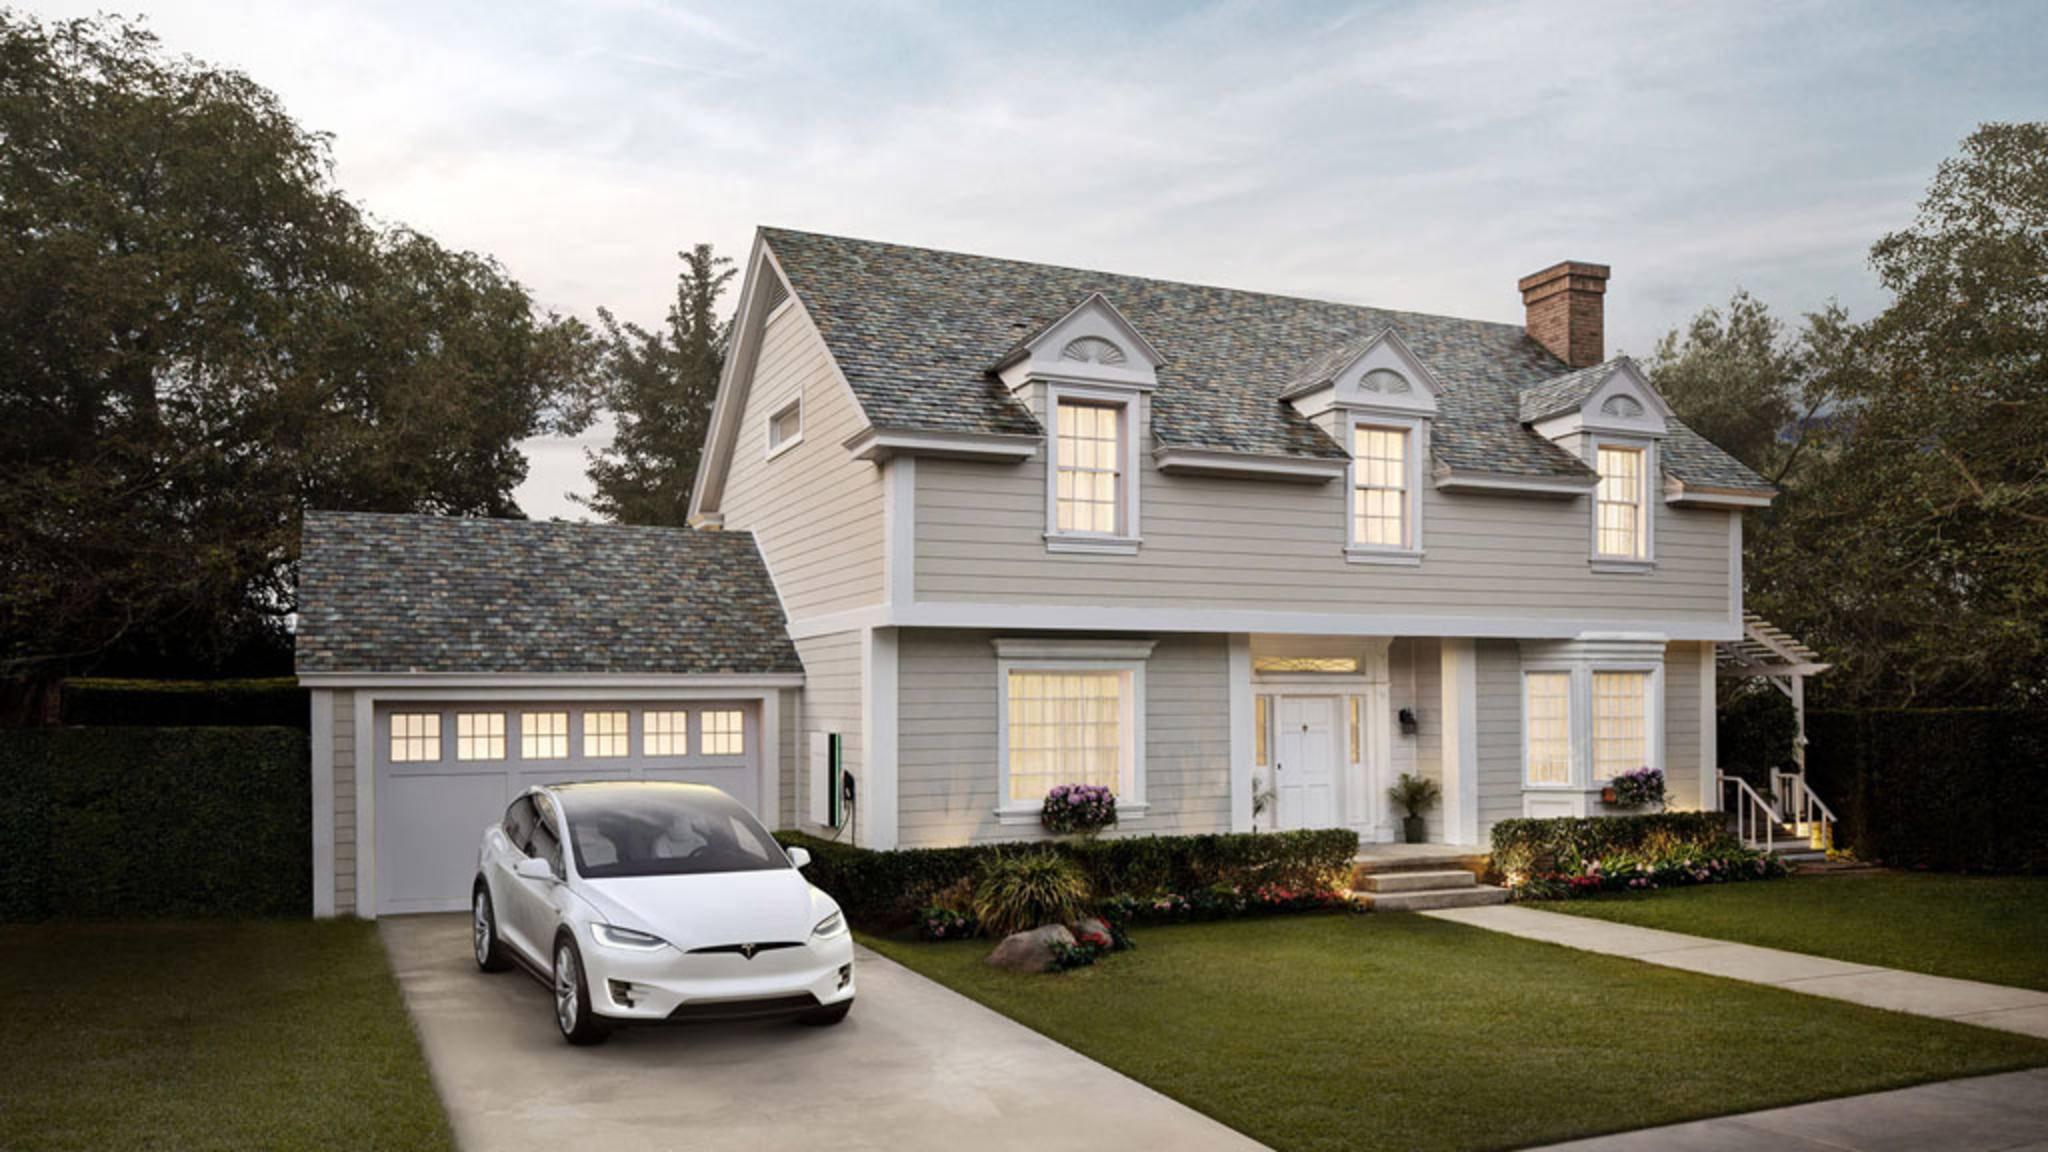 Elon Musk bietet Tesla-Solardach günstiger als normale Dächer an